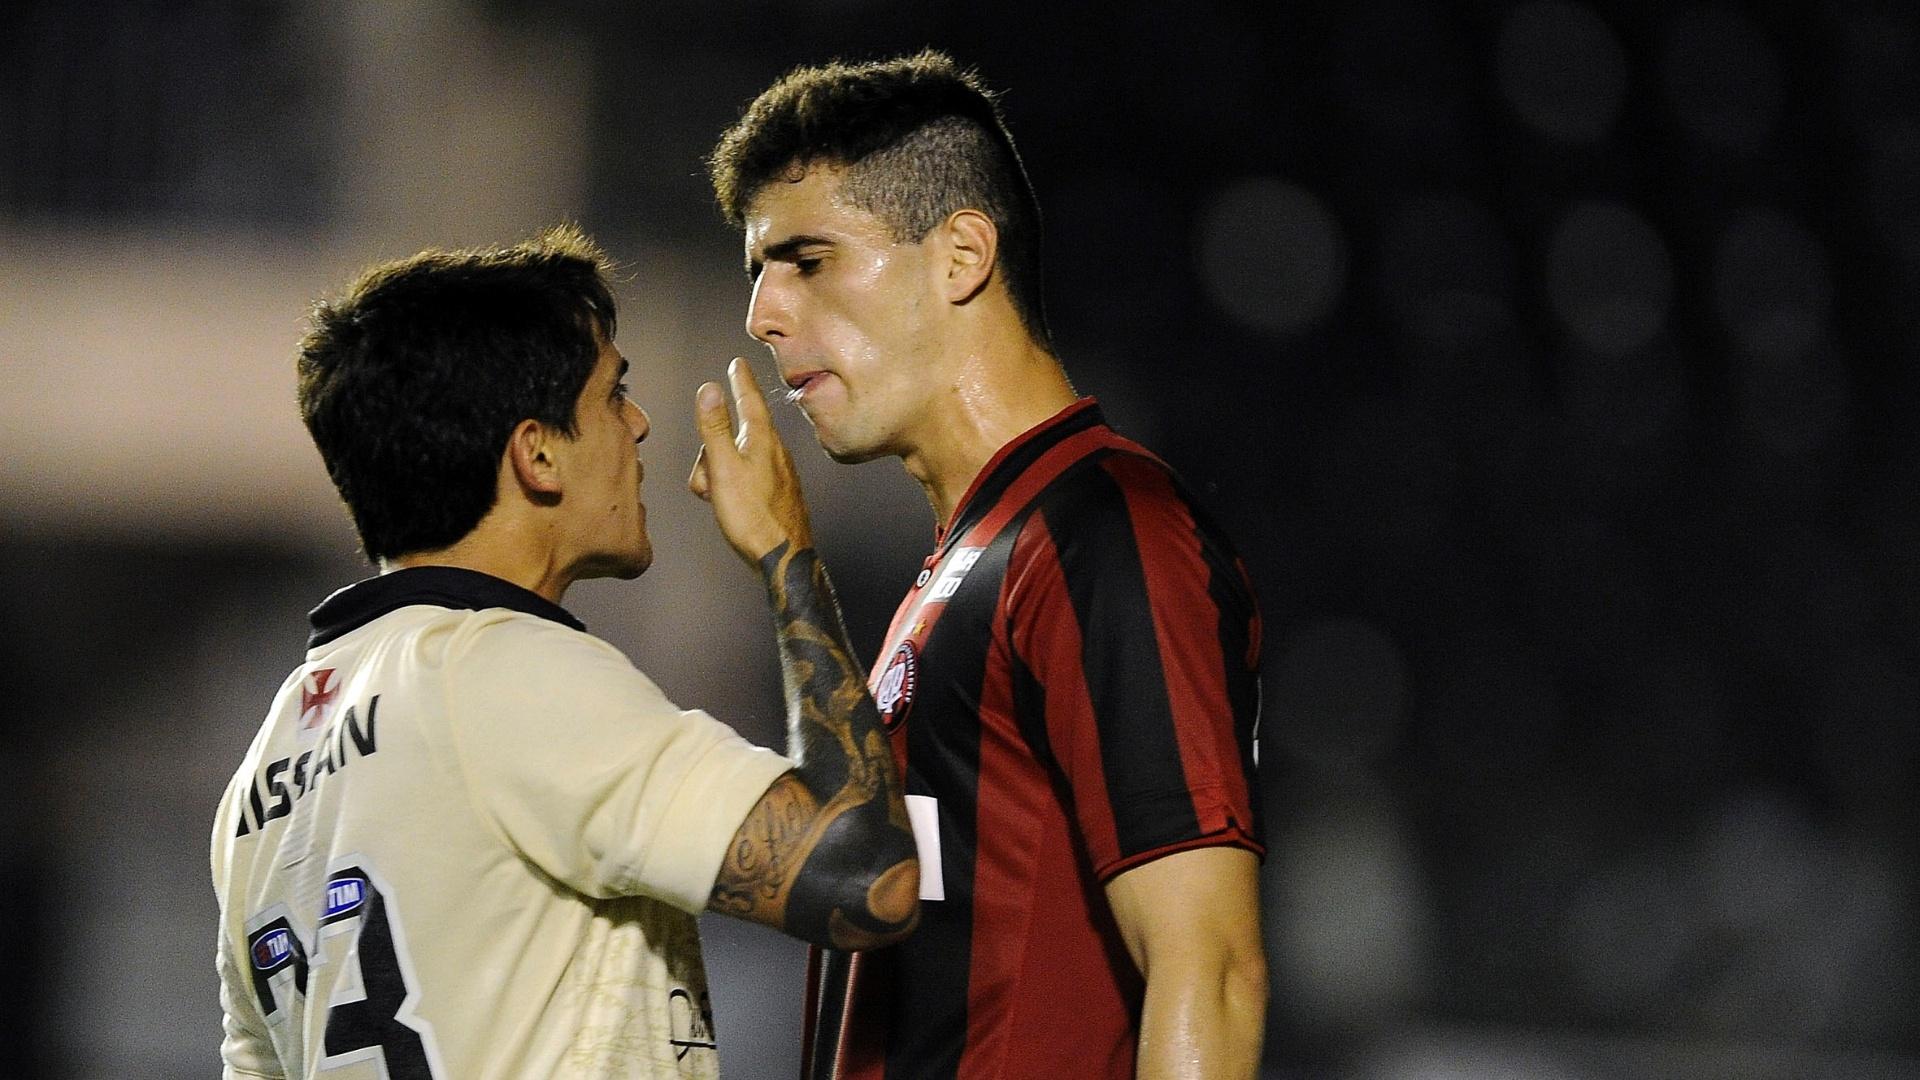 08.set.2013 - Fágner (e) e Dráusio (d) se estranham durante o jogo entre Vasco e Atlético-PR, válido pela 19ª rodada do Campeonato Brasileiro